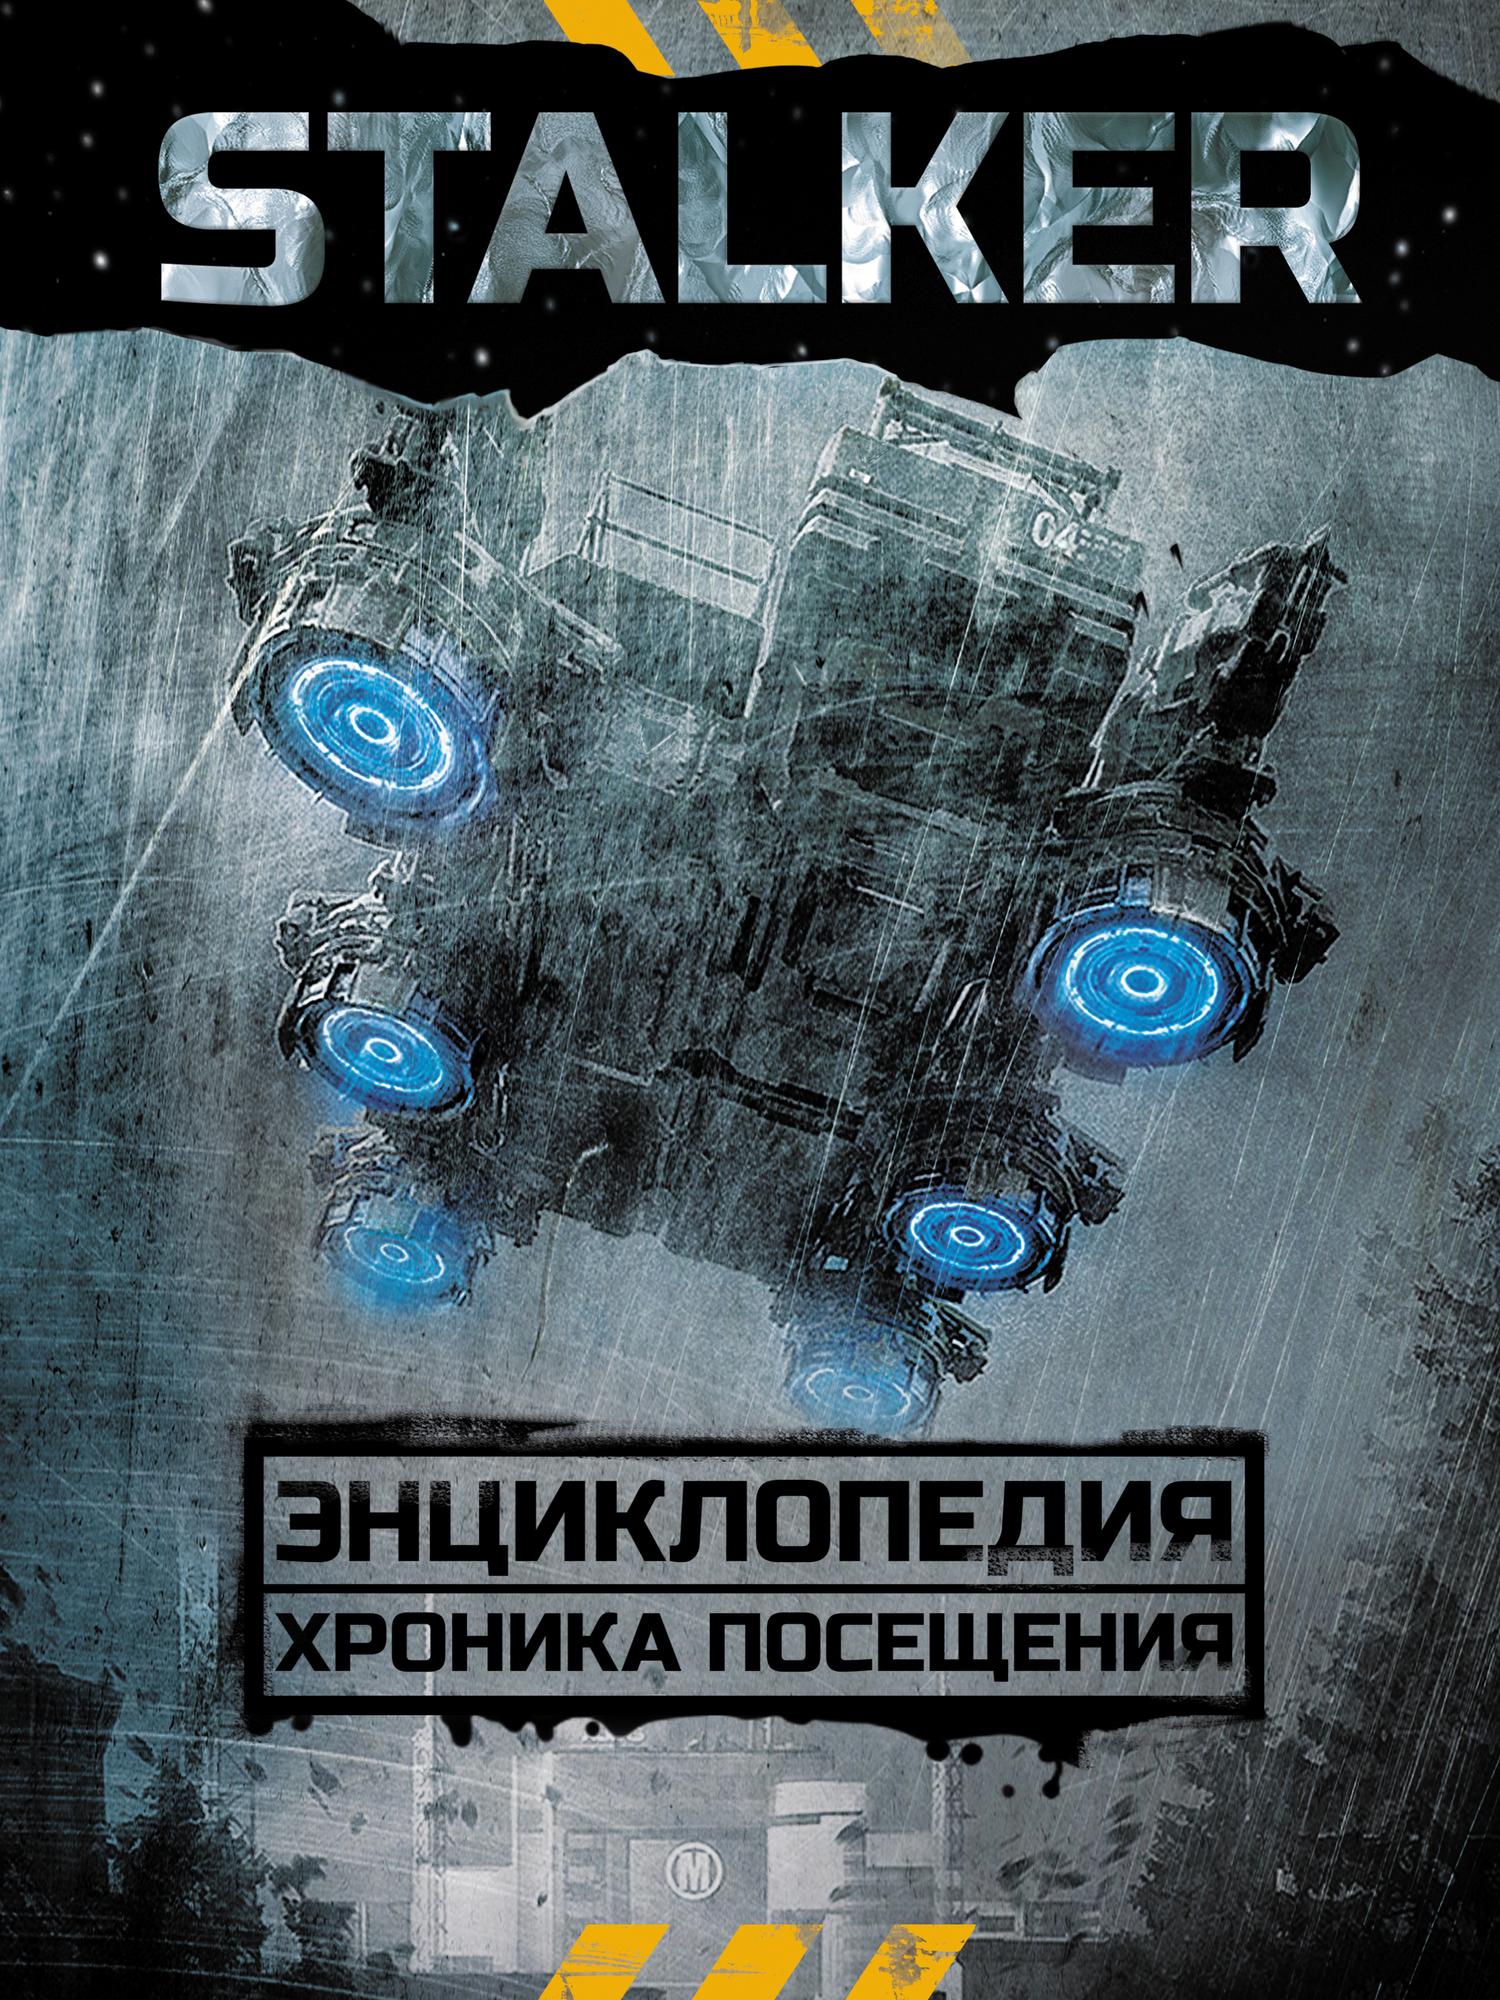 Аркадий и Борис Стругацкие. STALKER. Энциклопедия. Хроника Посещения